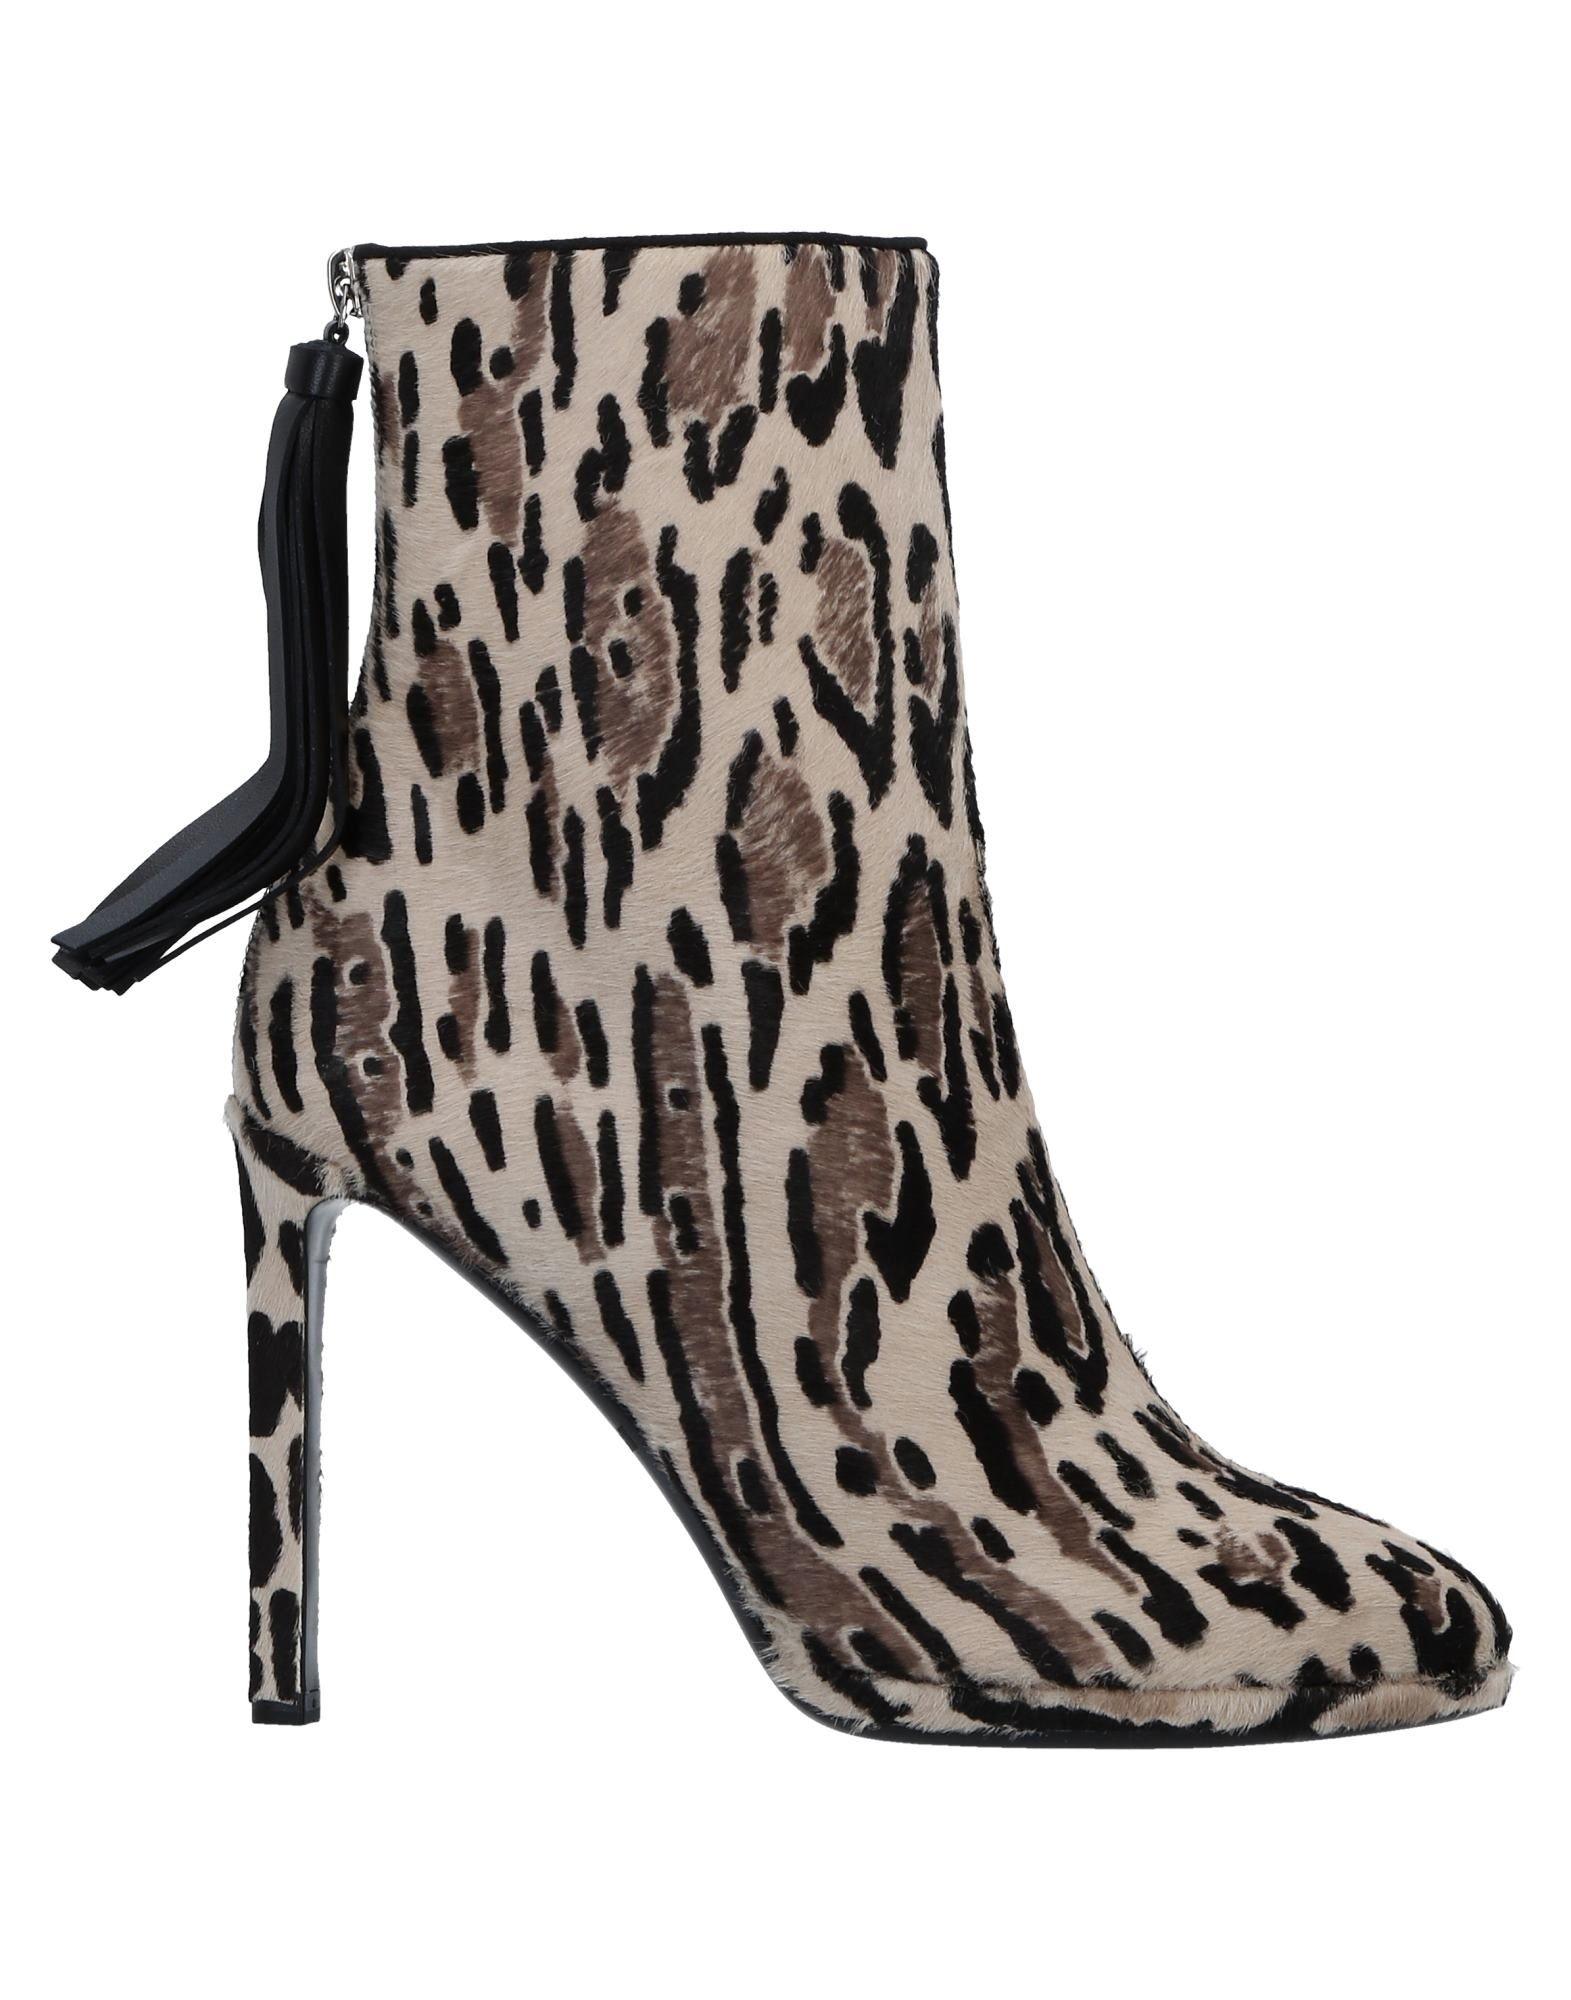 Roberto Cavalli Stiefelette Damen  11515665KHGünstige gut aussehende Schuhe